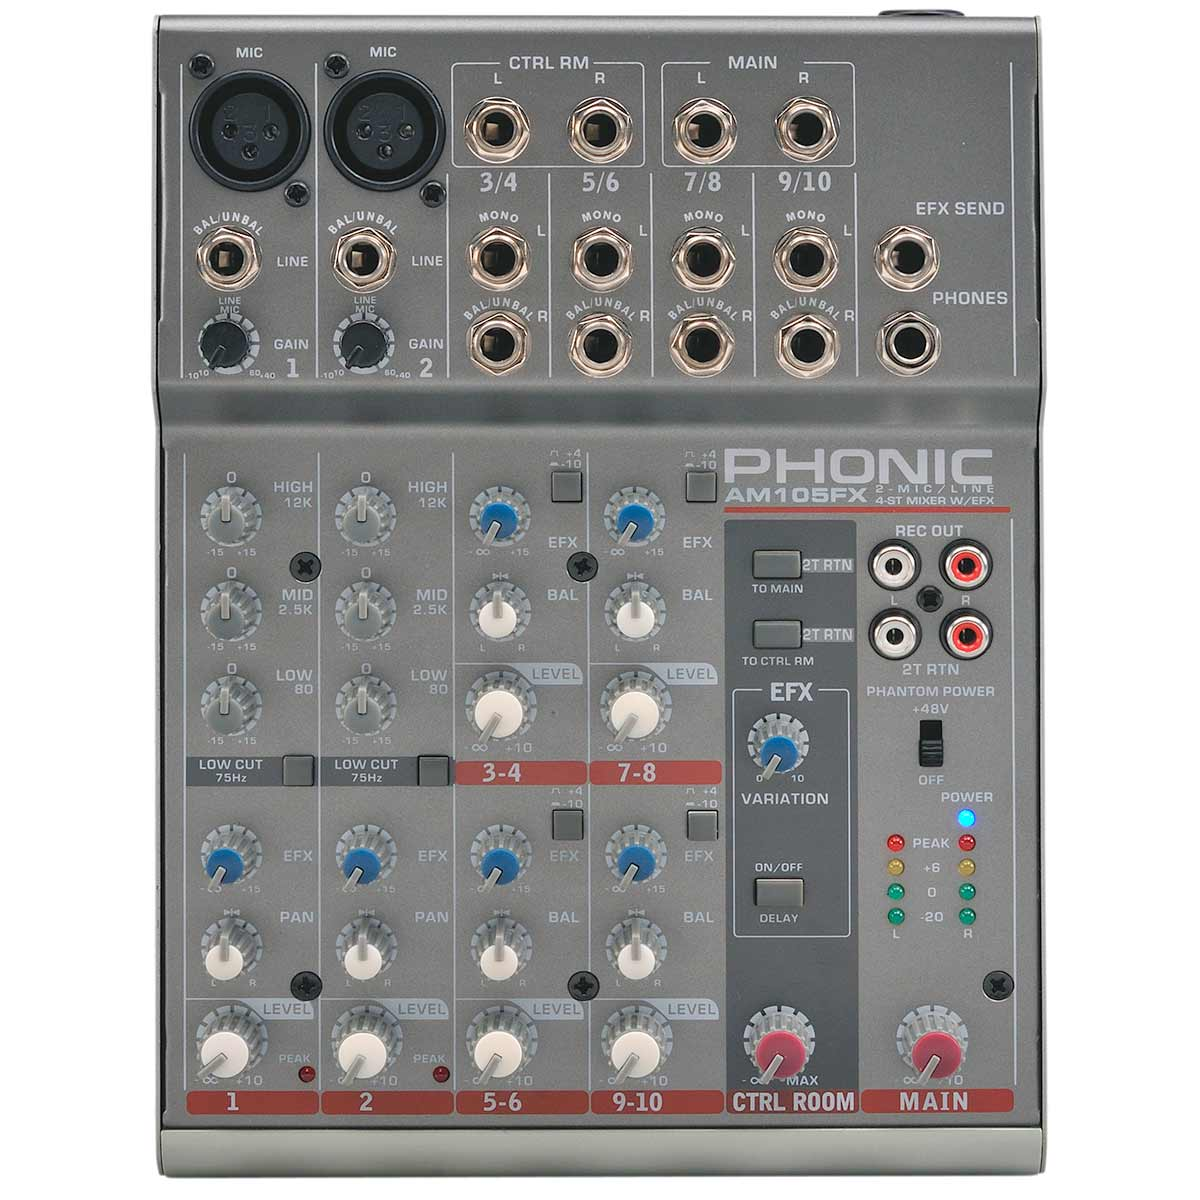 Mesa de Som 10 Canais Balanceados (2 XLR + 8 P10) c/ Efeito / Phantom / 1 Auxiliar - AM 105 FX Phonic